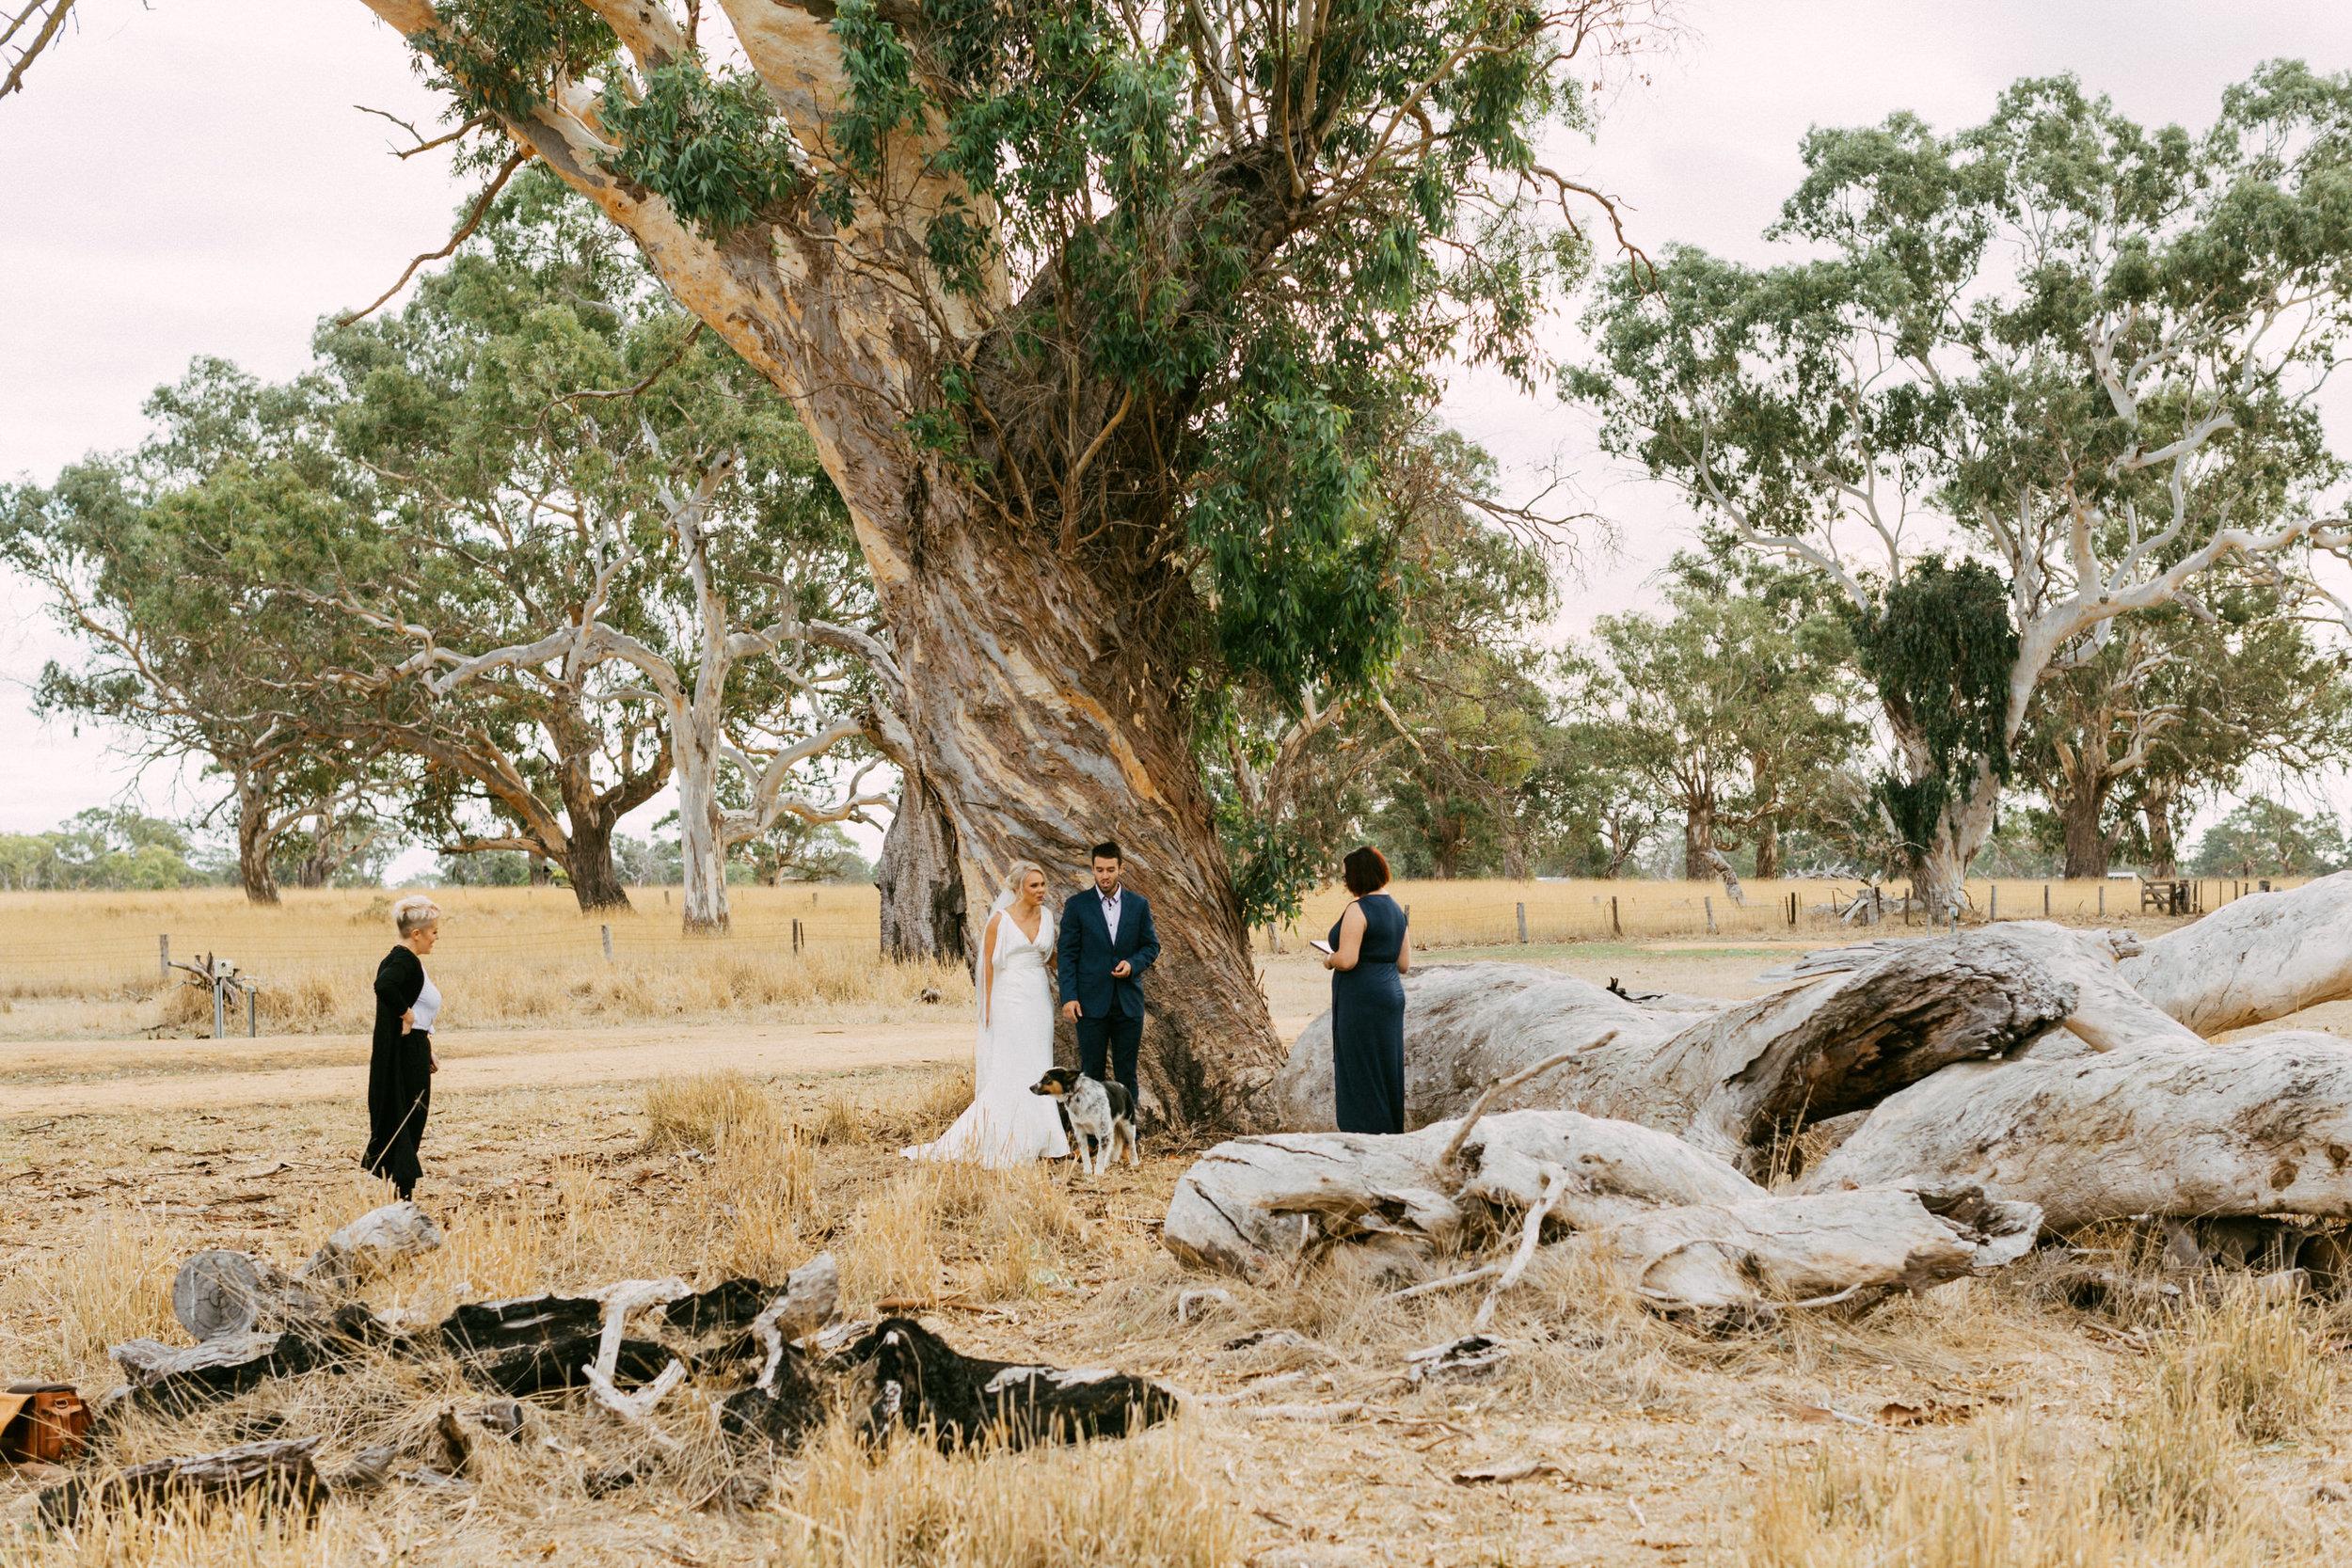 Coonawarra Elopement South Australia 022.jpg